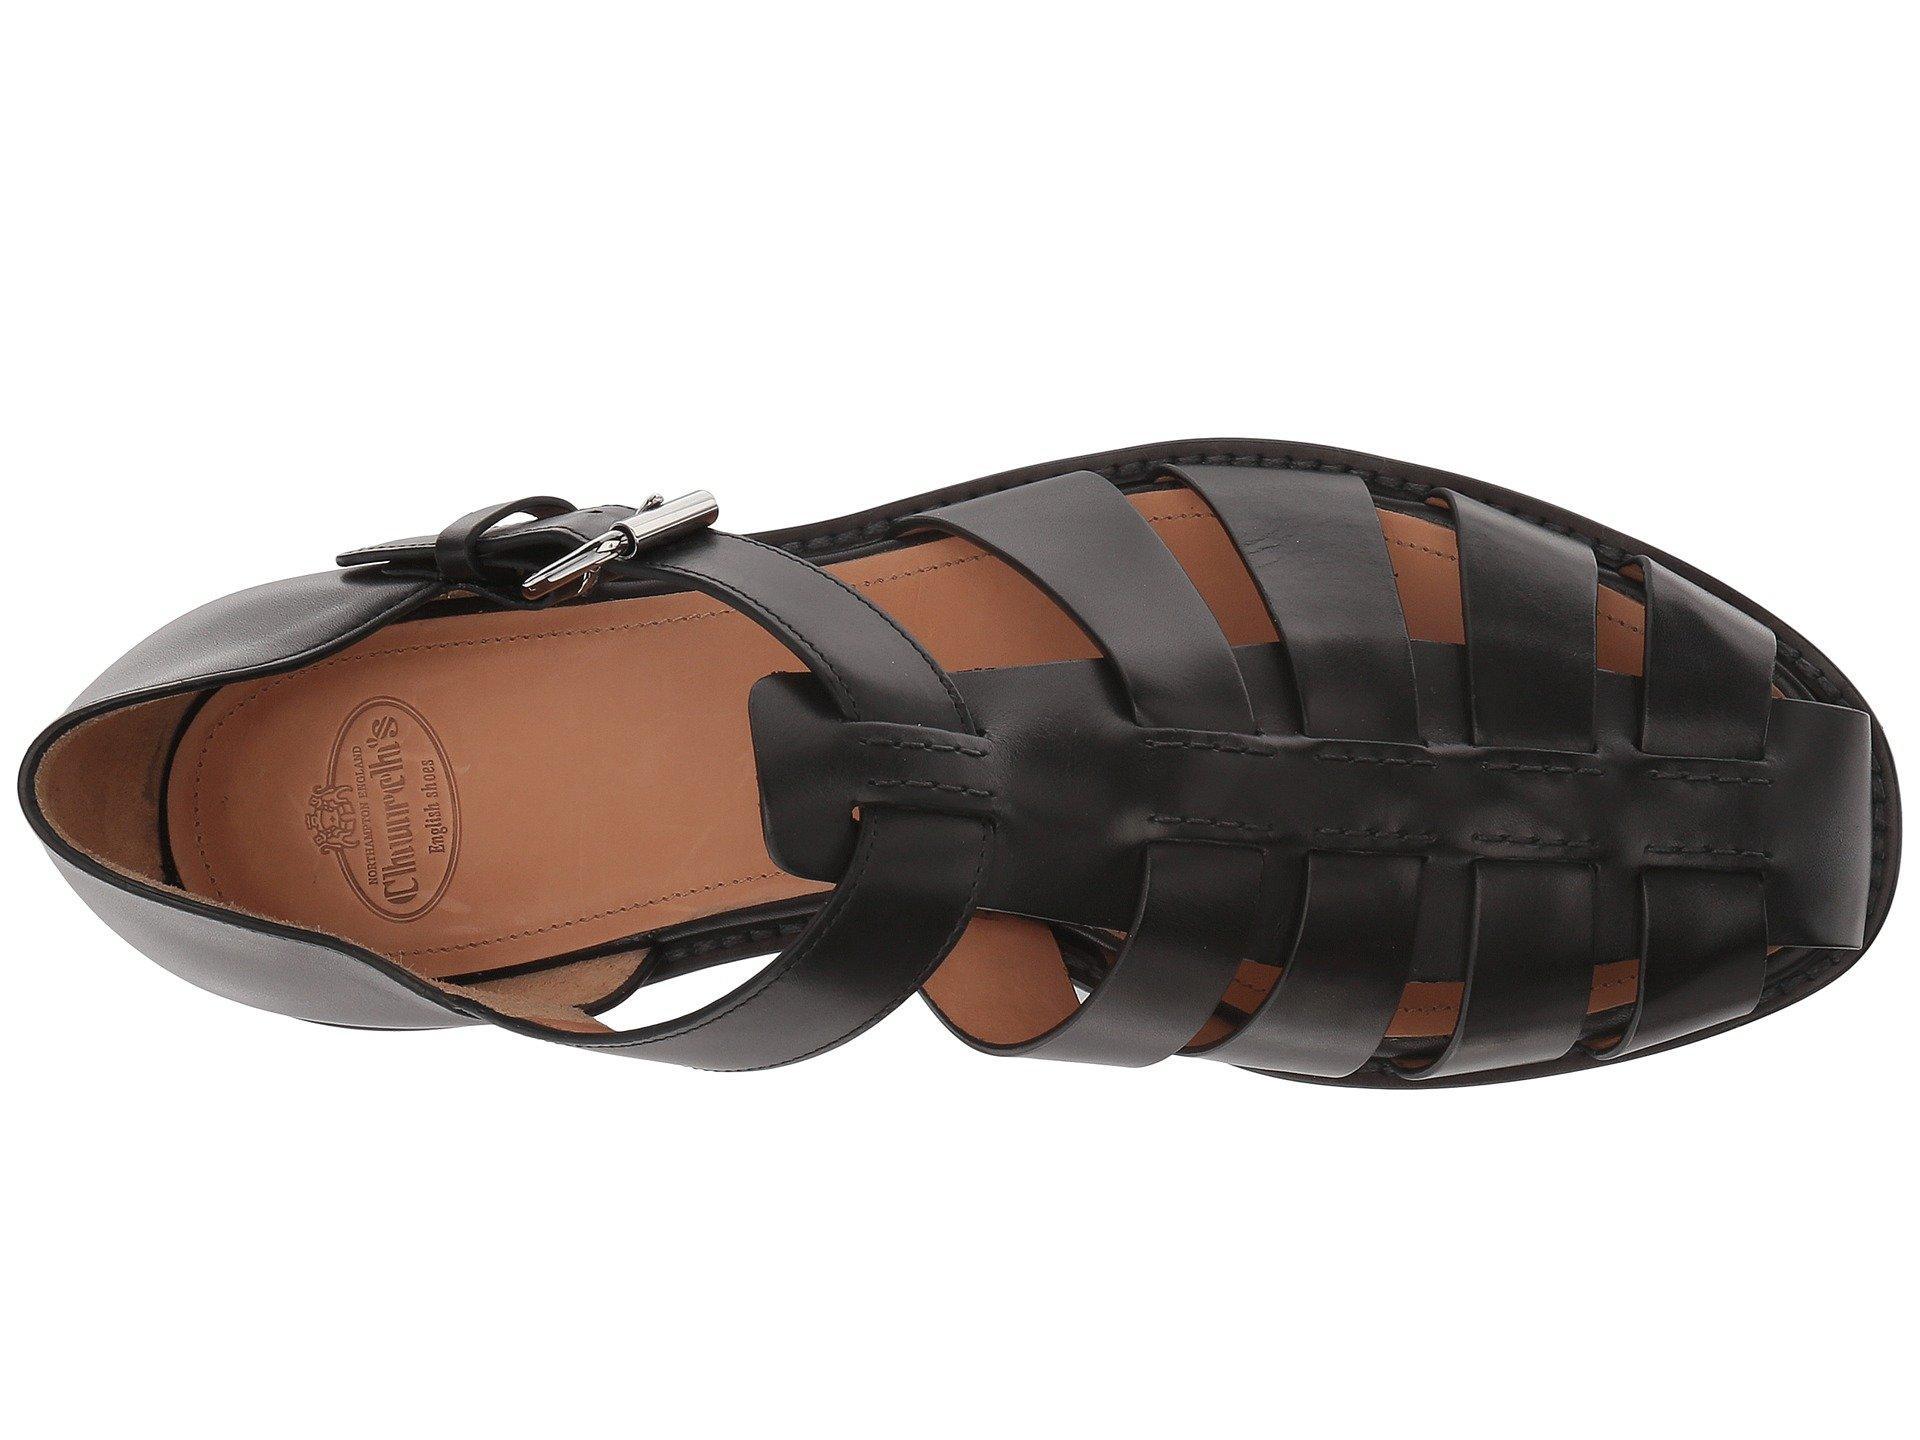 4f66e7593e7d Lyst - Church s Fisherman Sandal (walnut) Men s Sandals in Black for Men